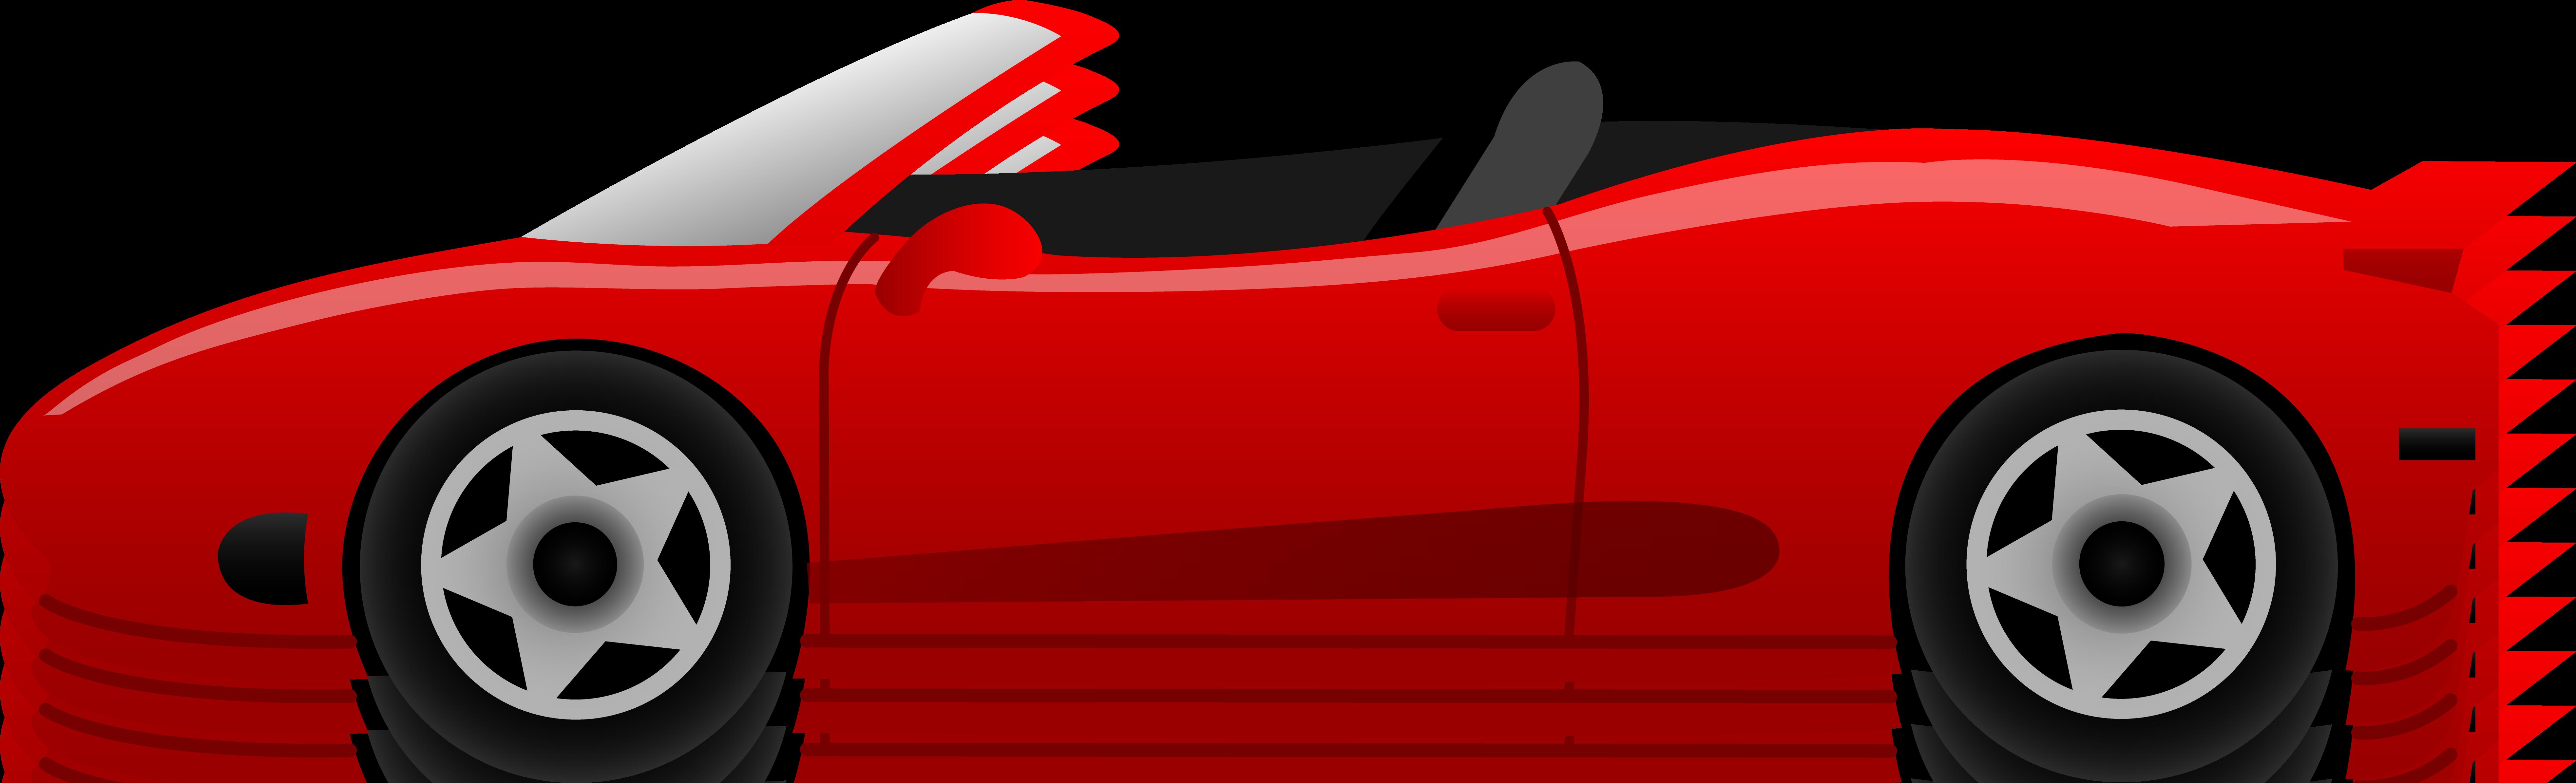 Mustang boss 302 clipart.